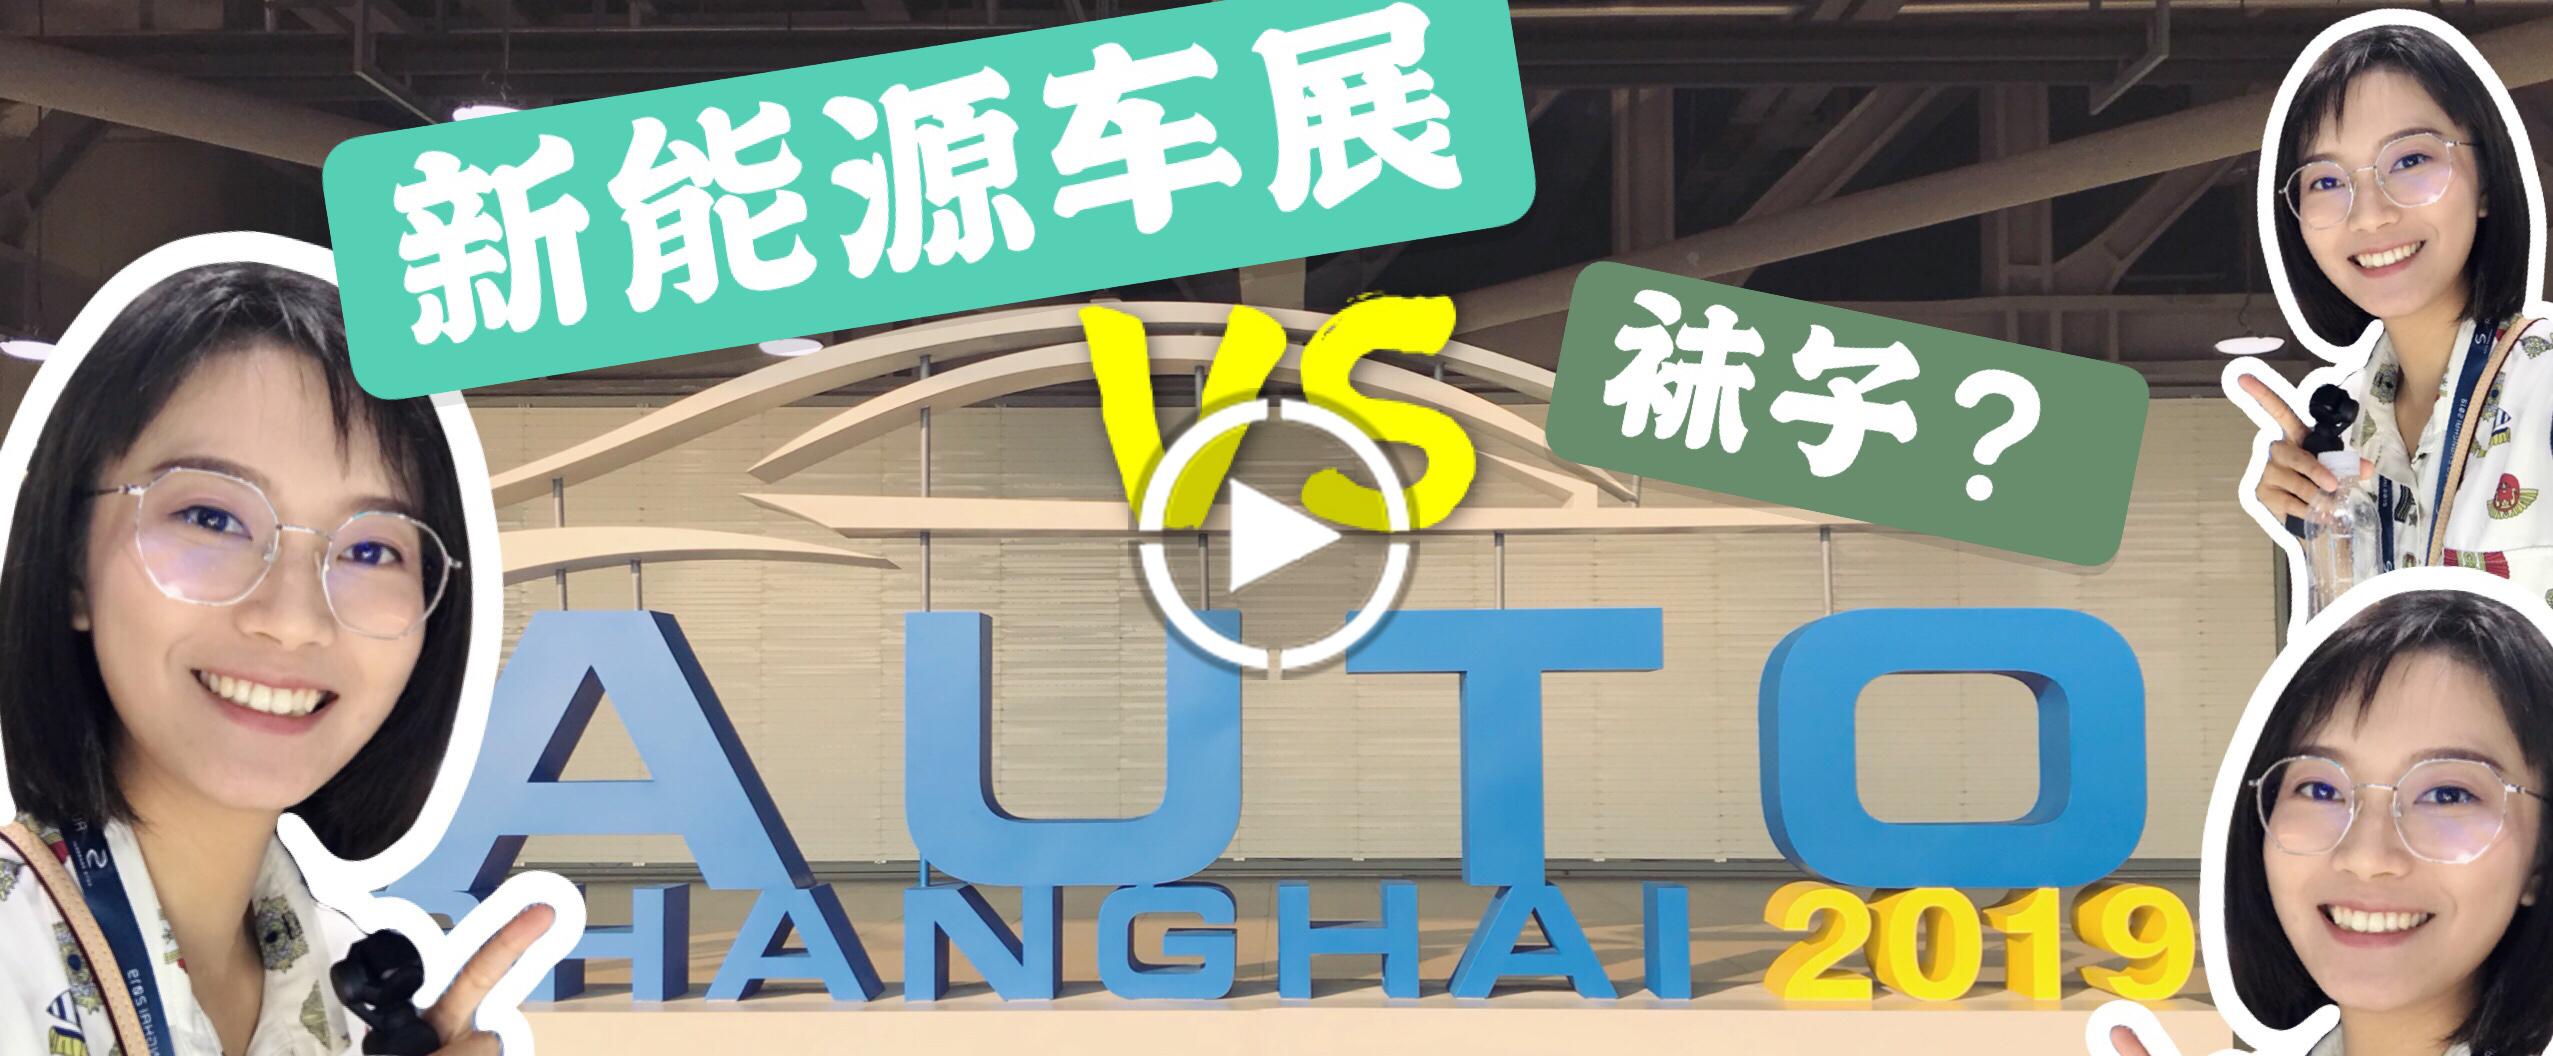 上海车展的新能源车和袜子有什么关?#30340;? title=